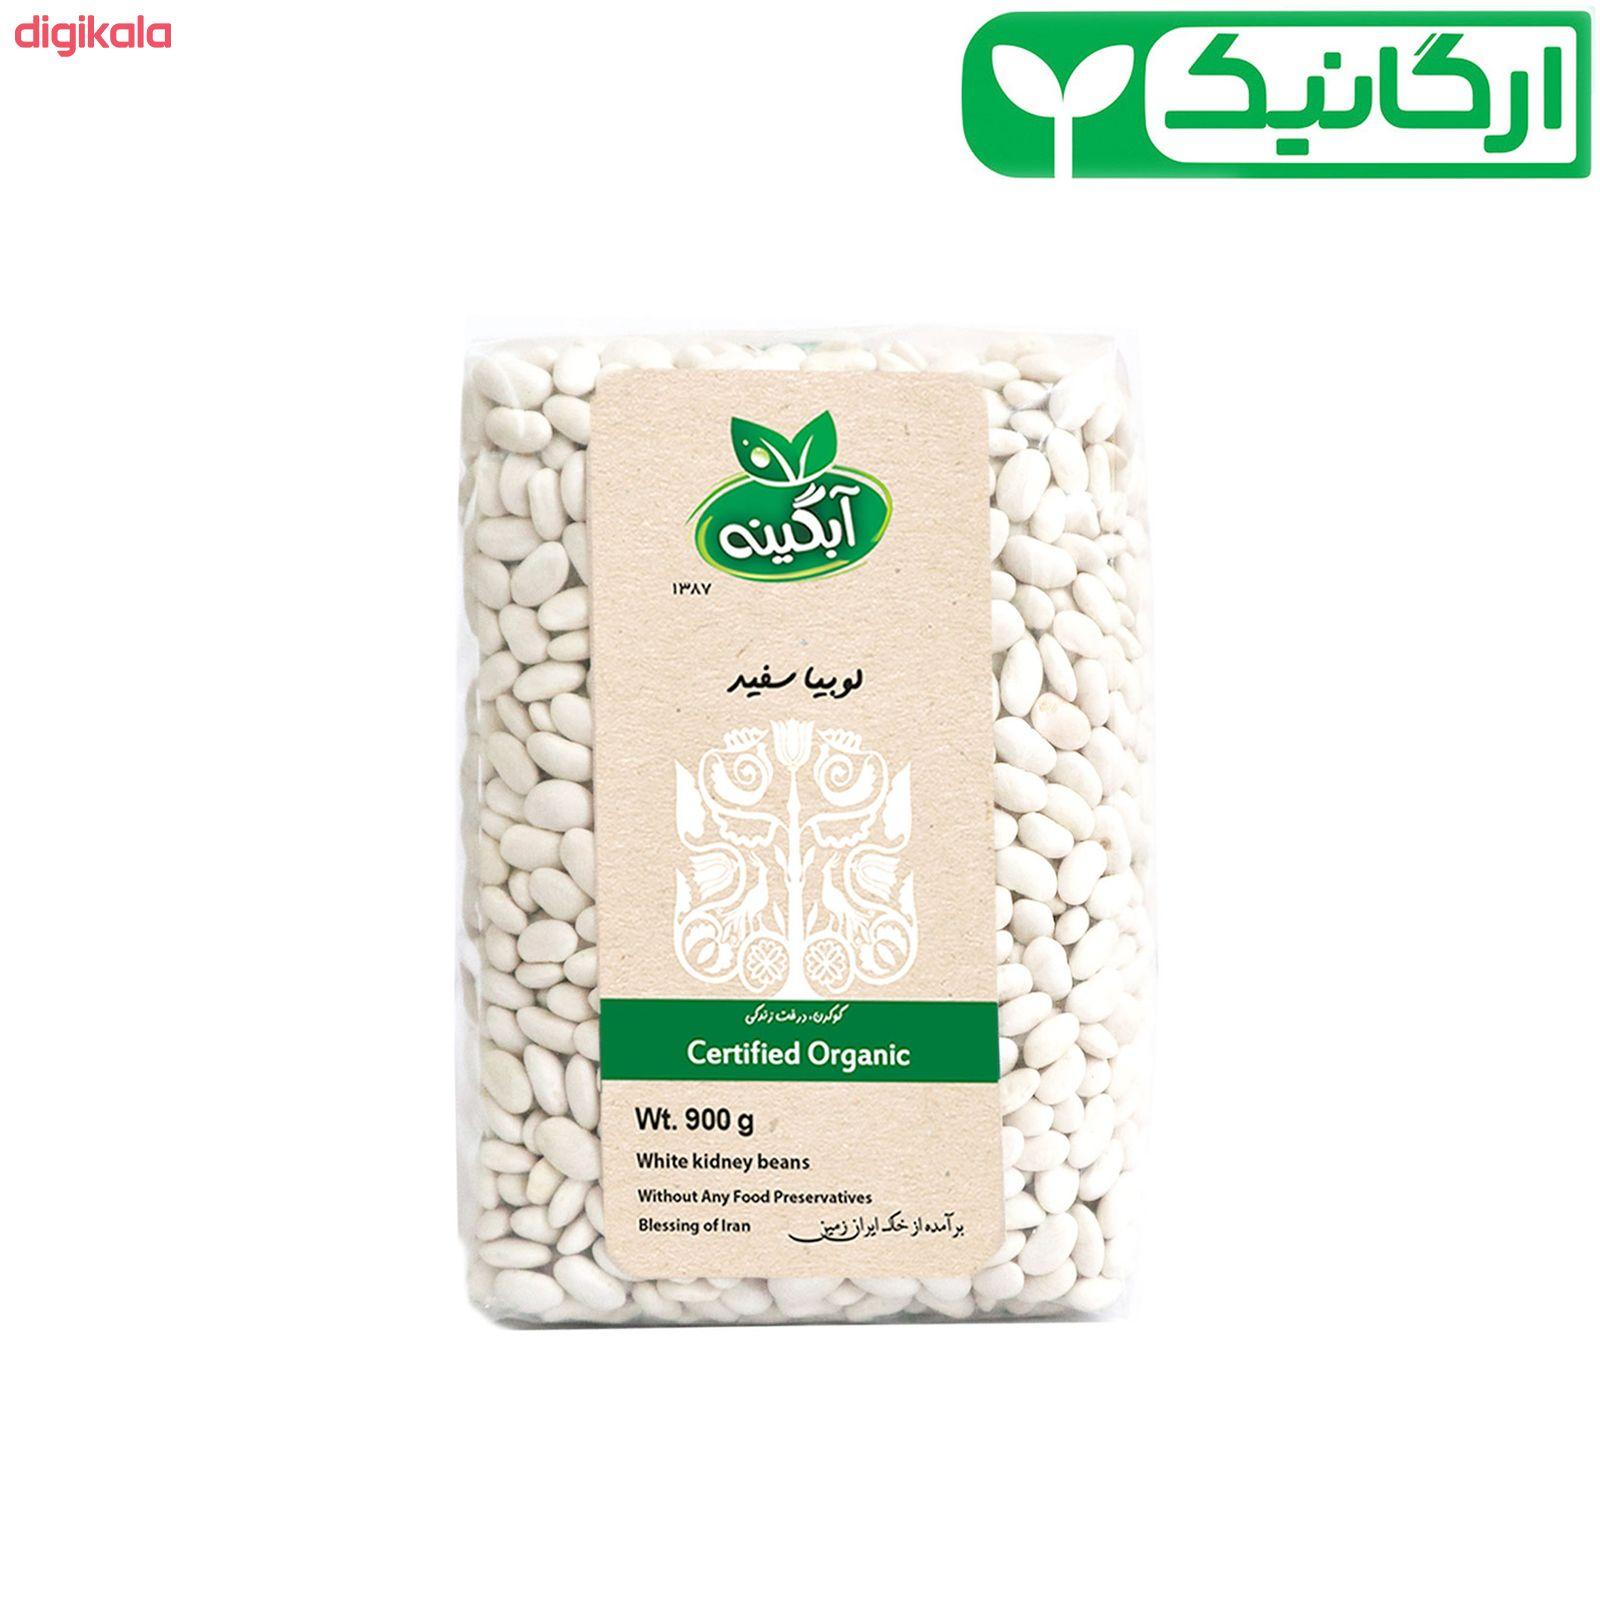 لوبیا سفید ارگانیک آبگینه - 900 گرم main 1 4